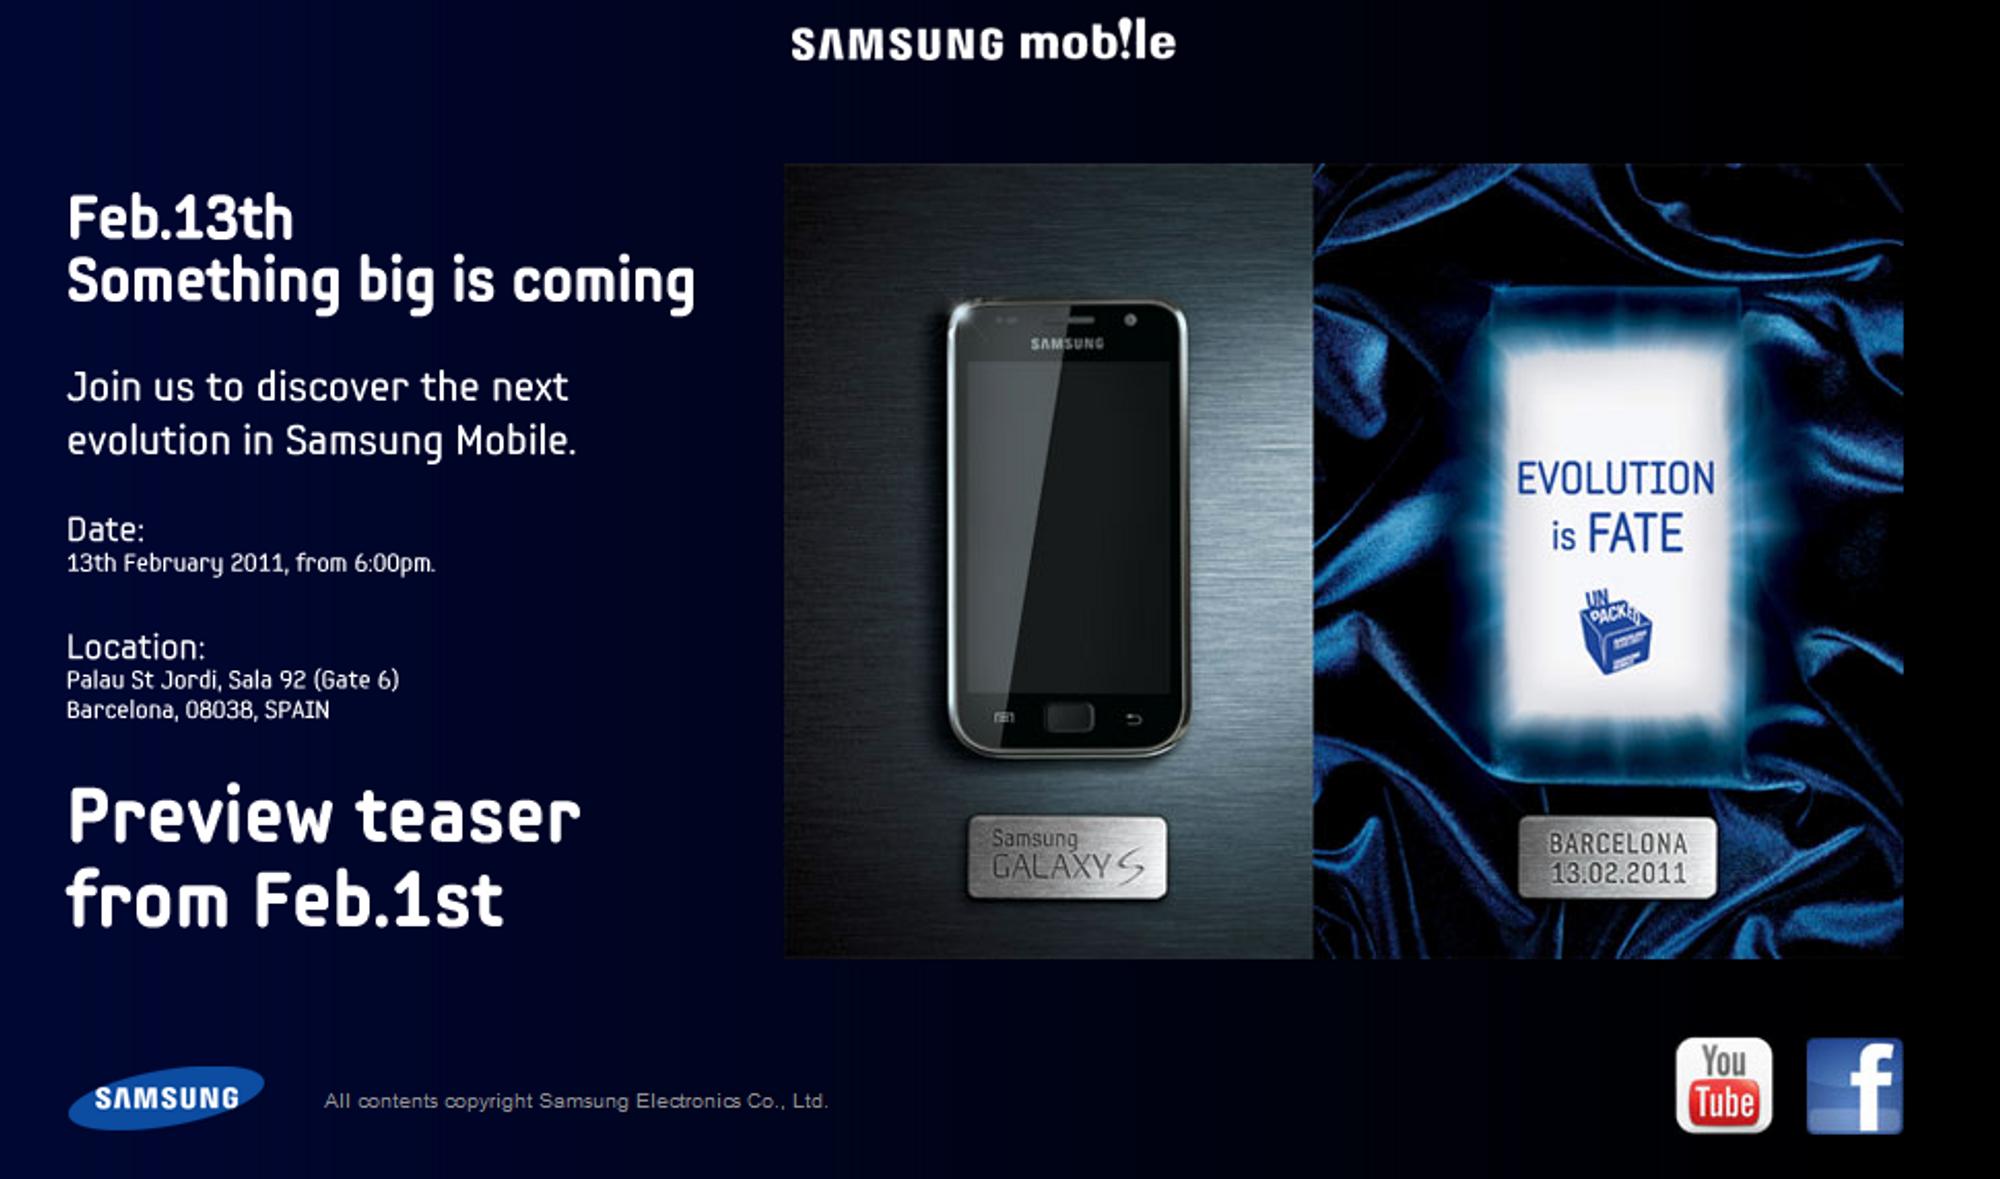 Galaxy S-oppfølgeren kommer i febraur